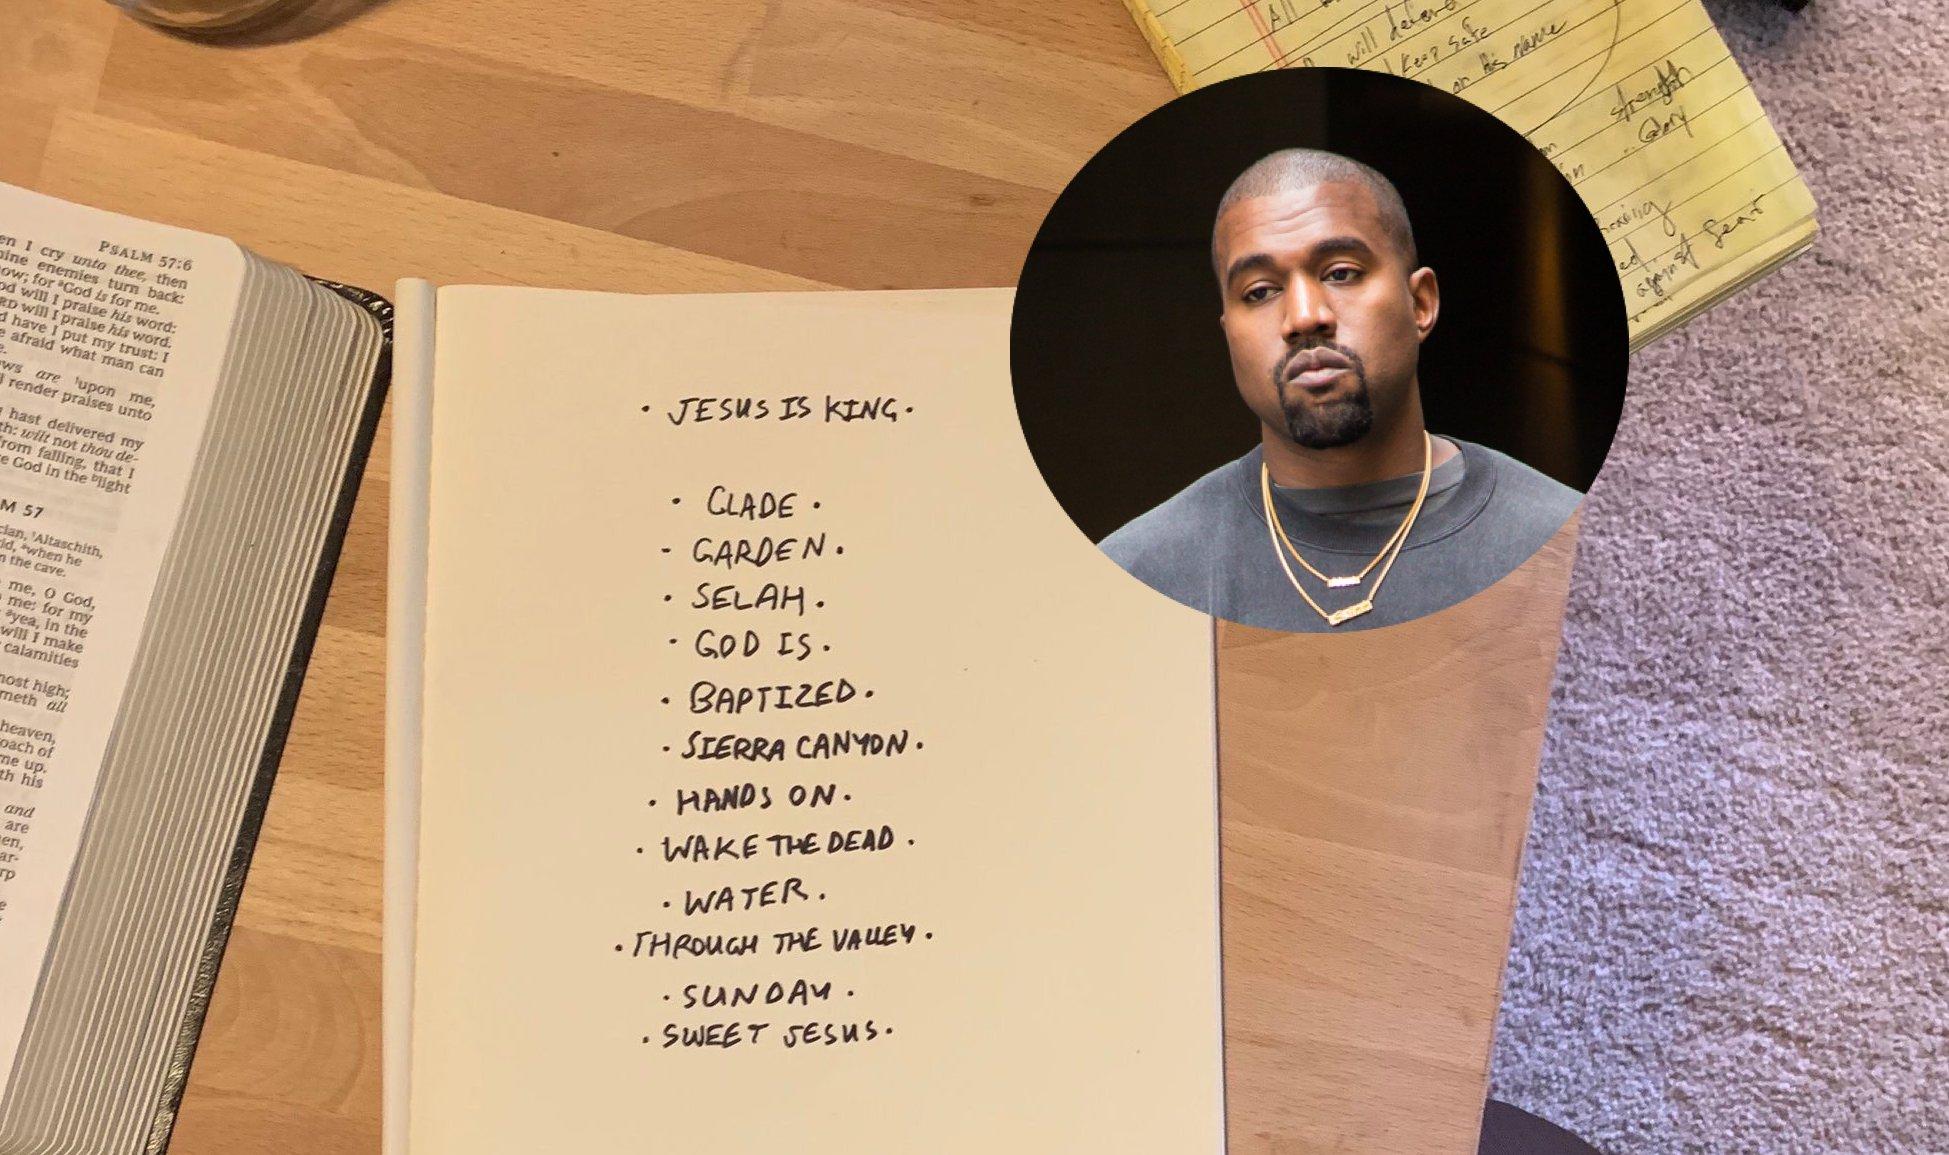 Image result for Kanye West jesus king